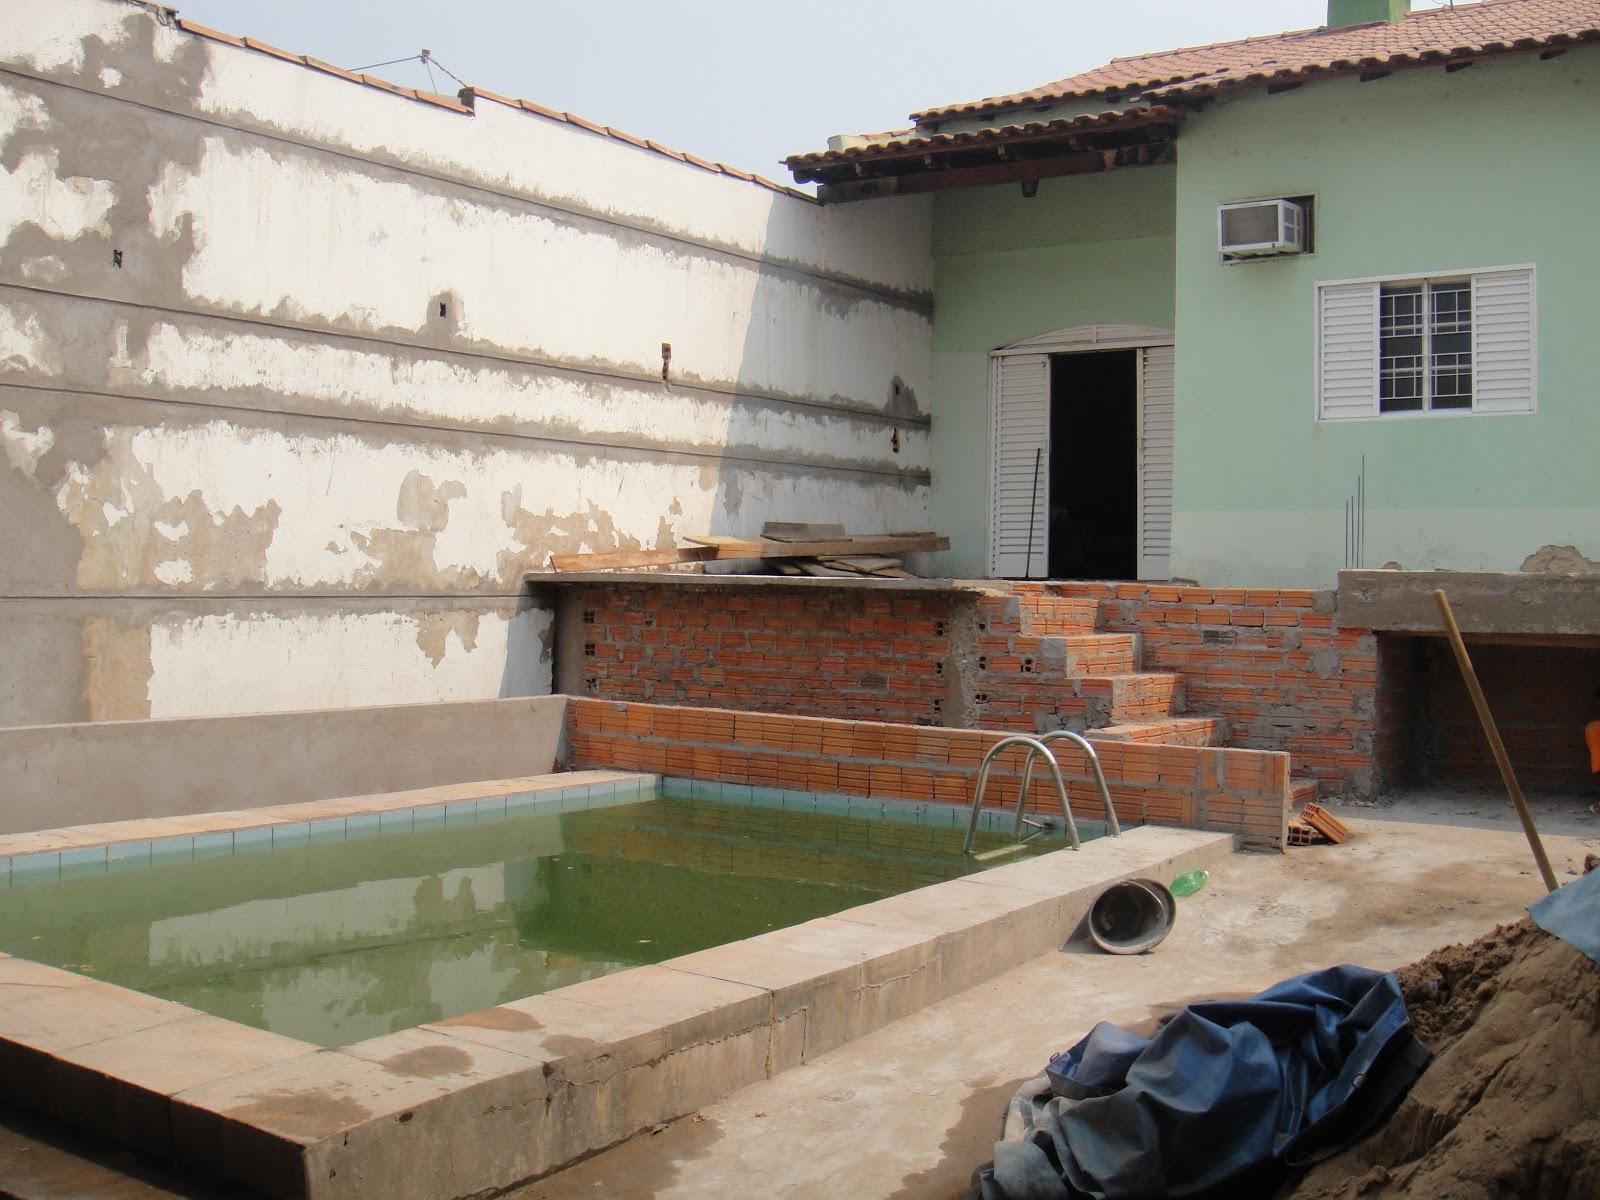 Criou se uma laje suspensa para receber os novos banheiros assim como  #694836 1600 1200